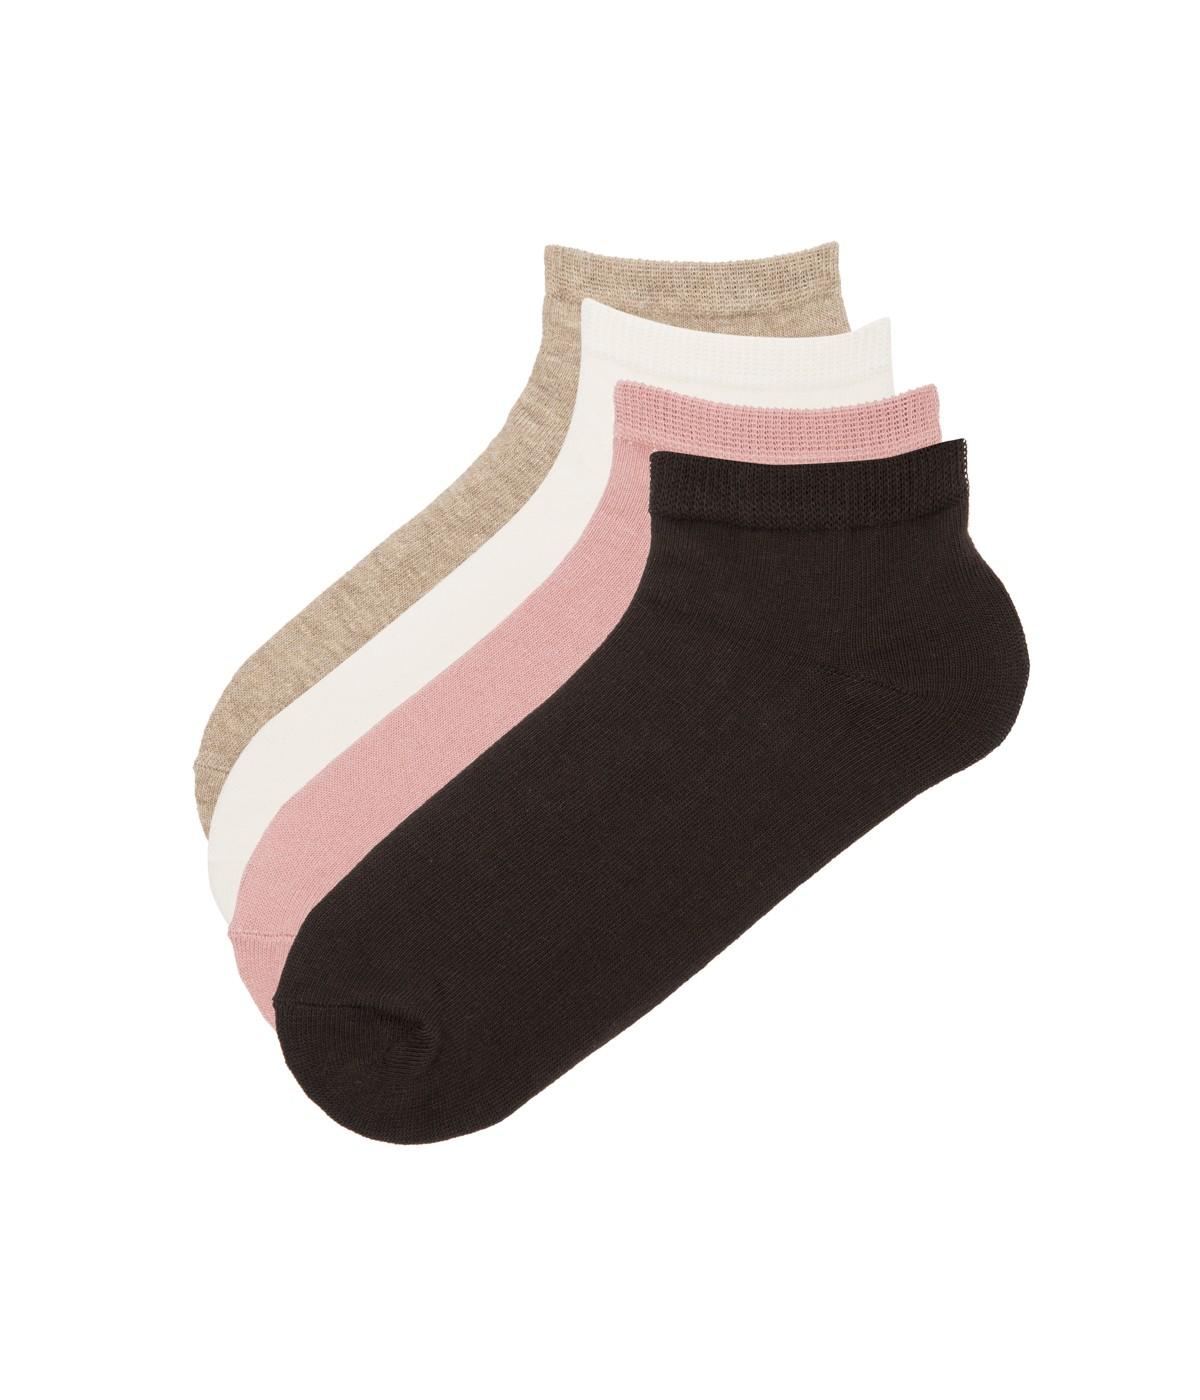 Basic 4 In 1 Liner Socks